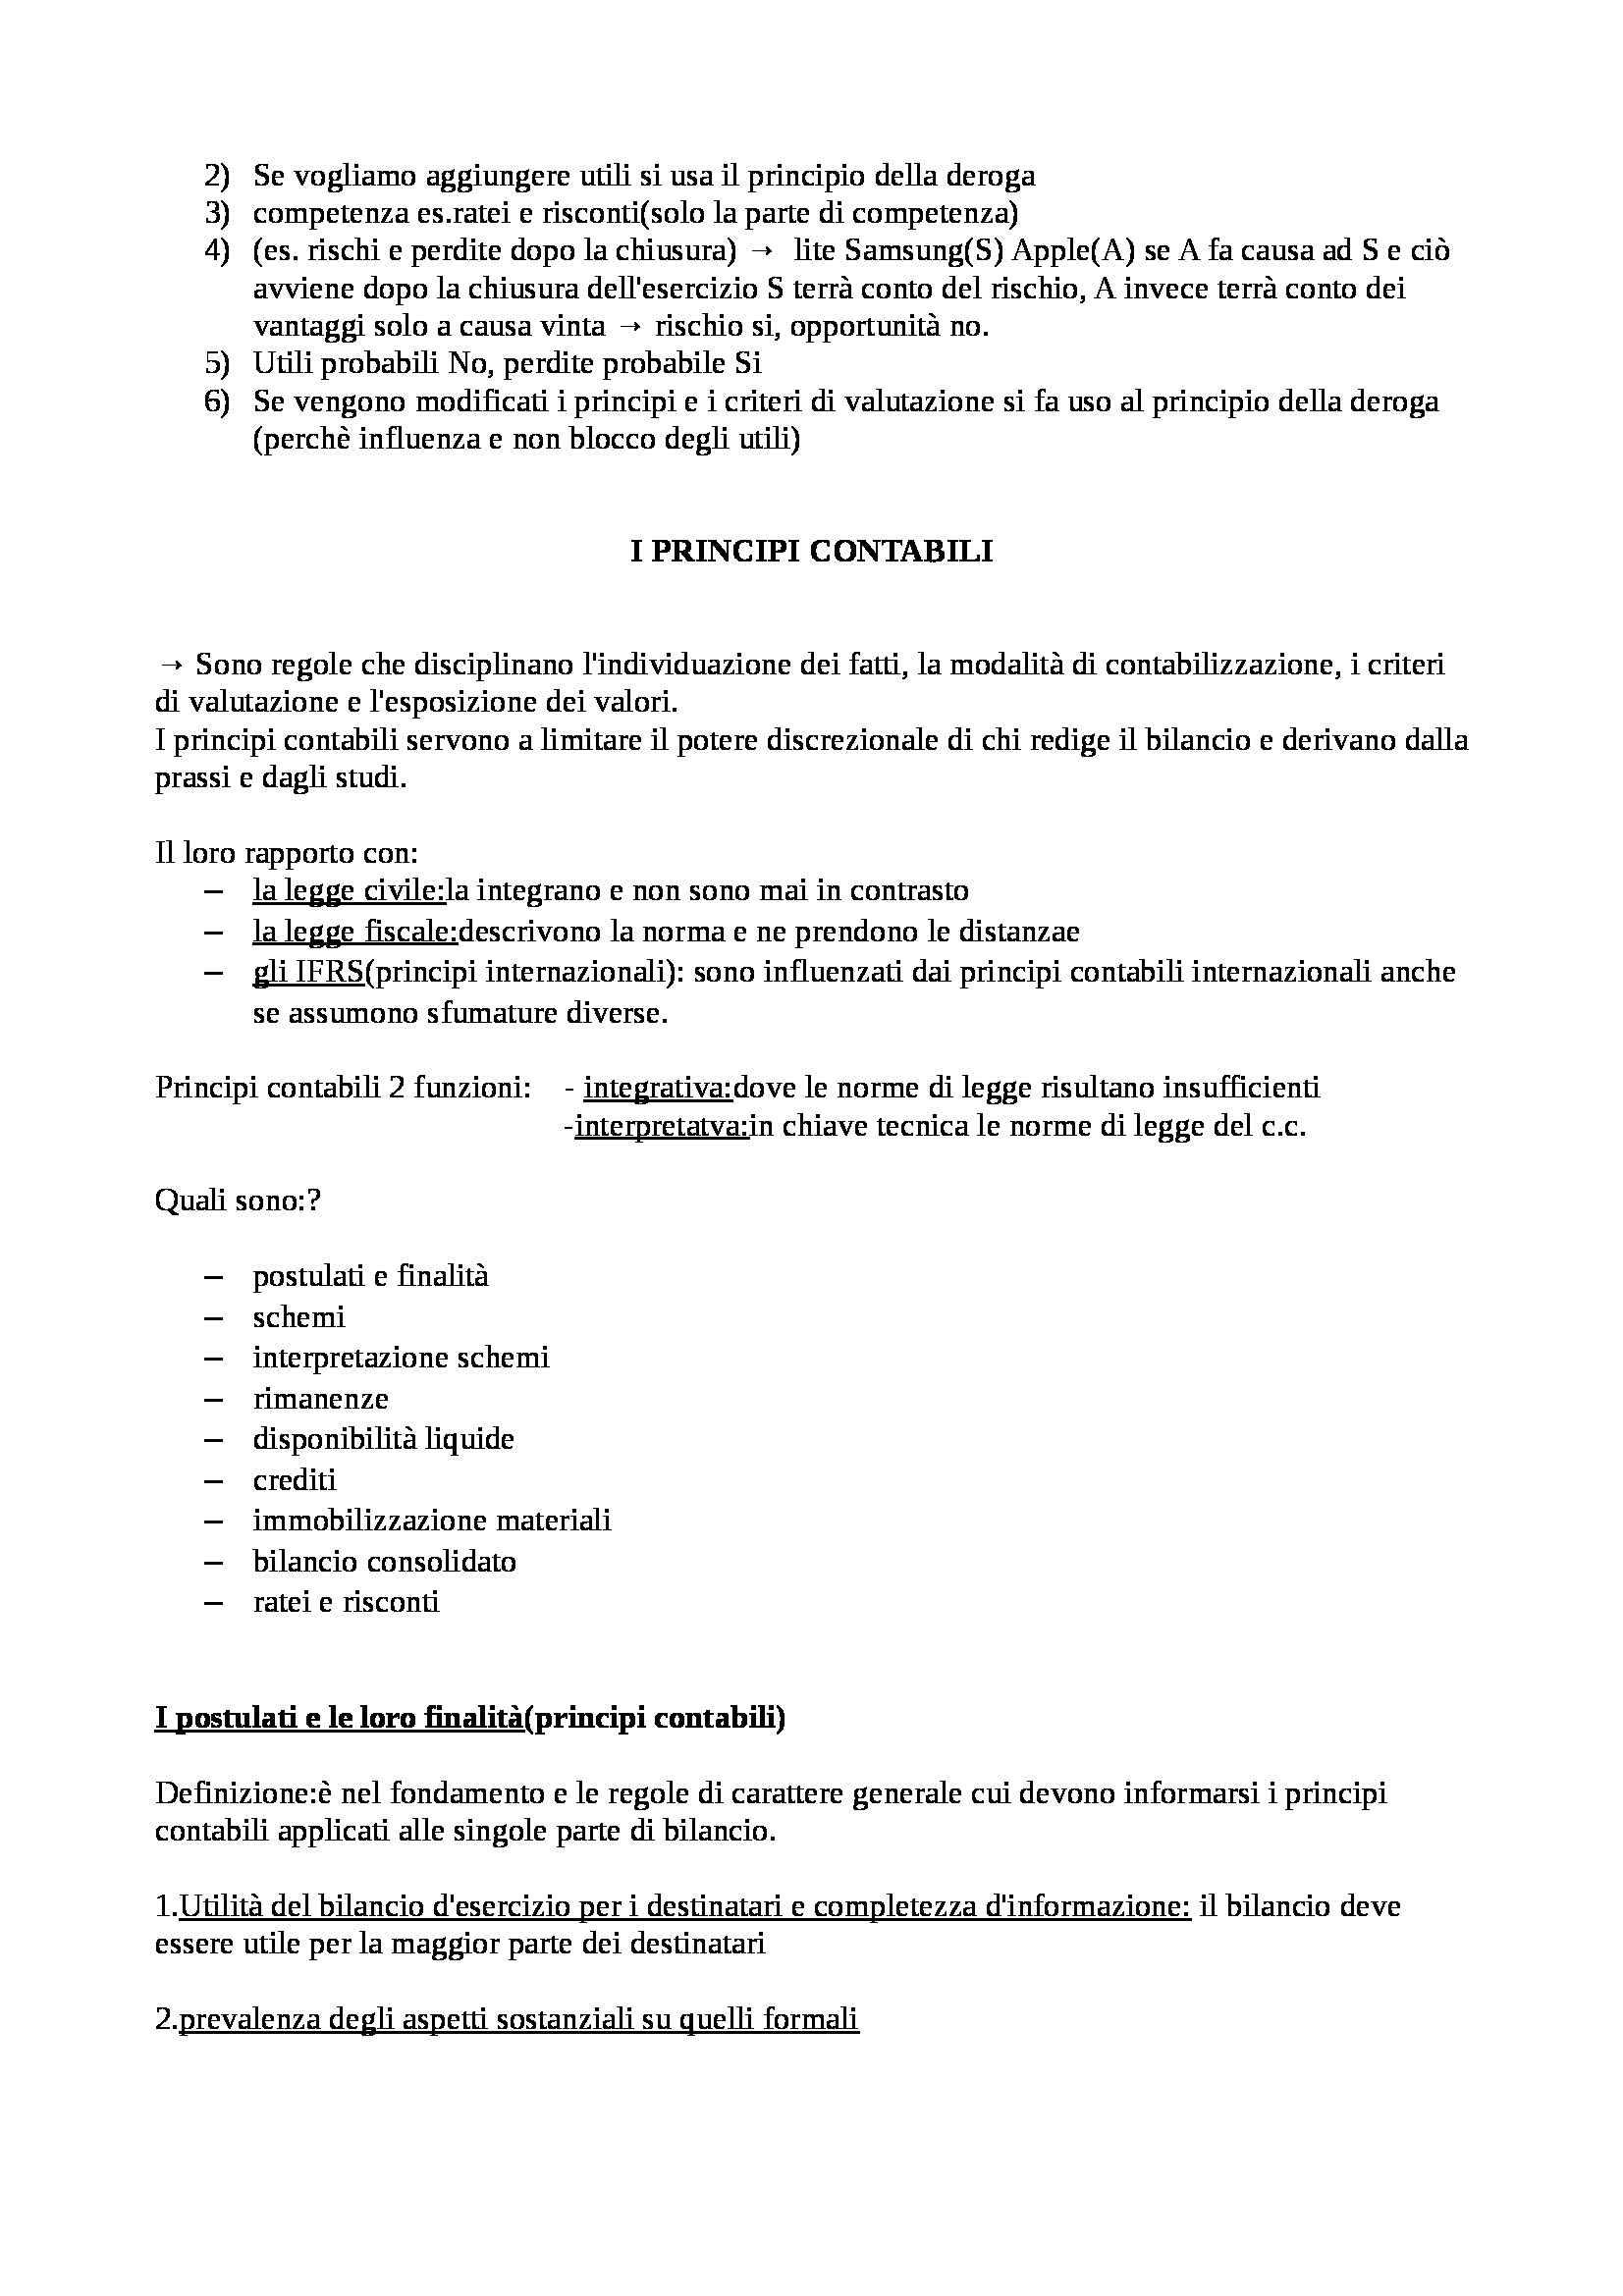 Metodologie e determinazioni quantitative d'azienda Golia Cattolica - Appunti Pag. 2